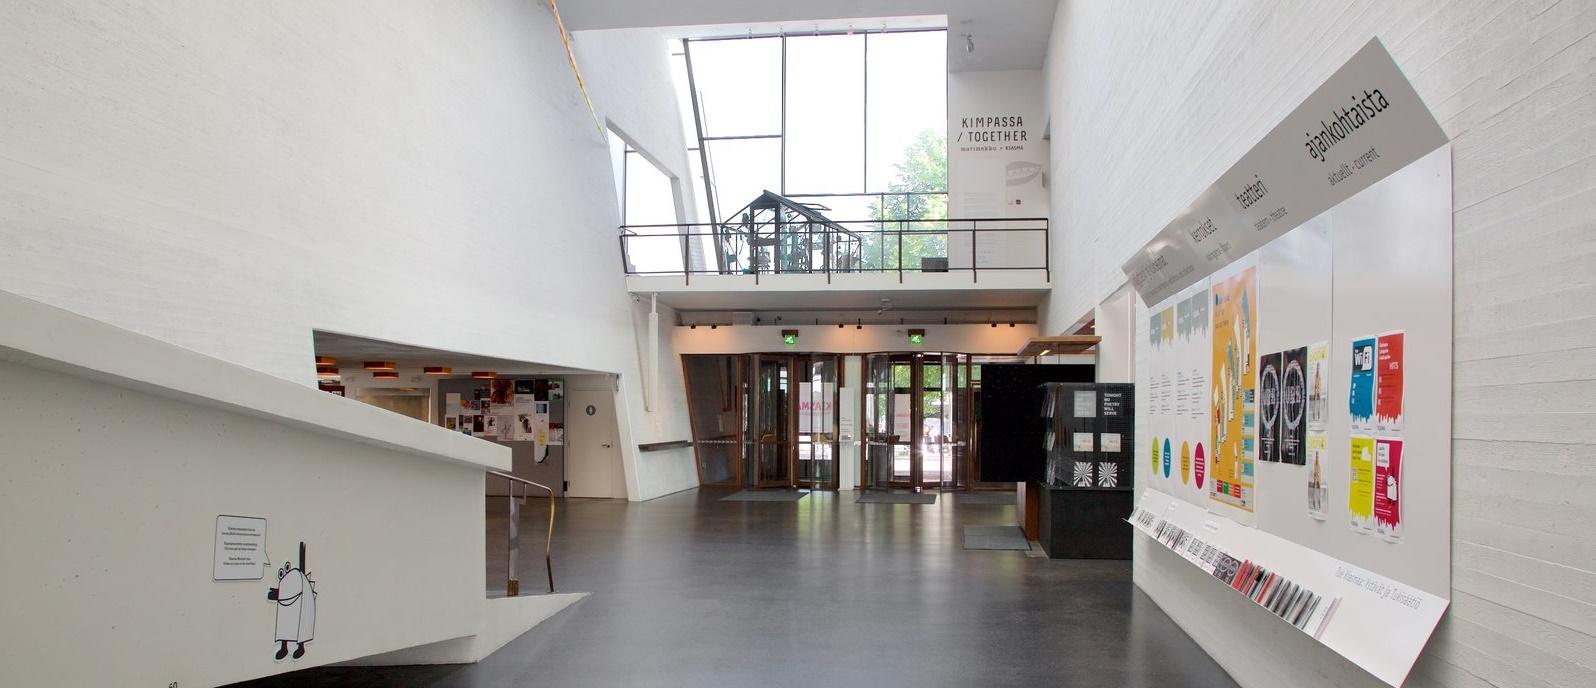 175236-Kiasma-Museum-Of-Contemporary-Art